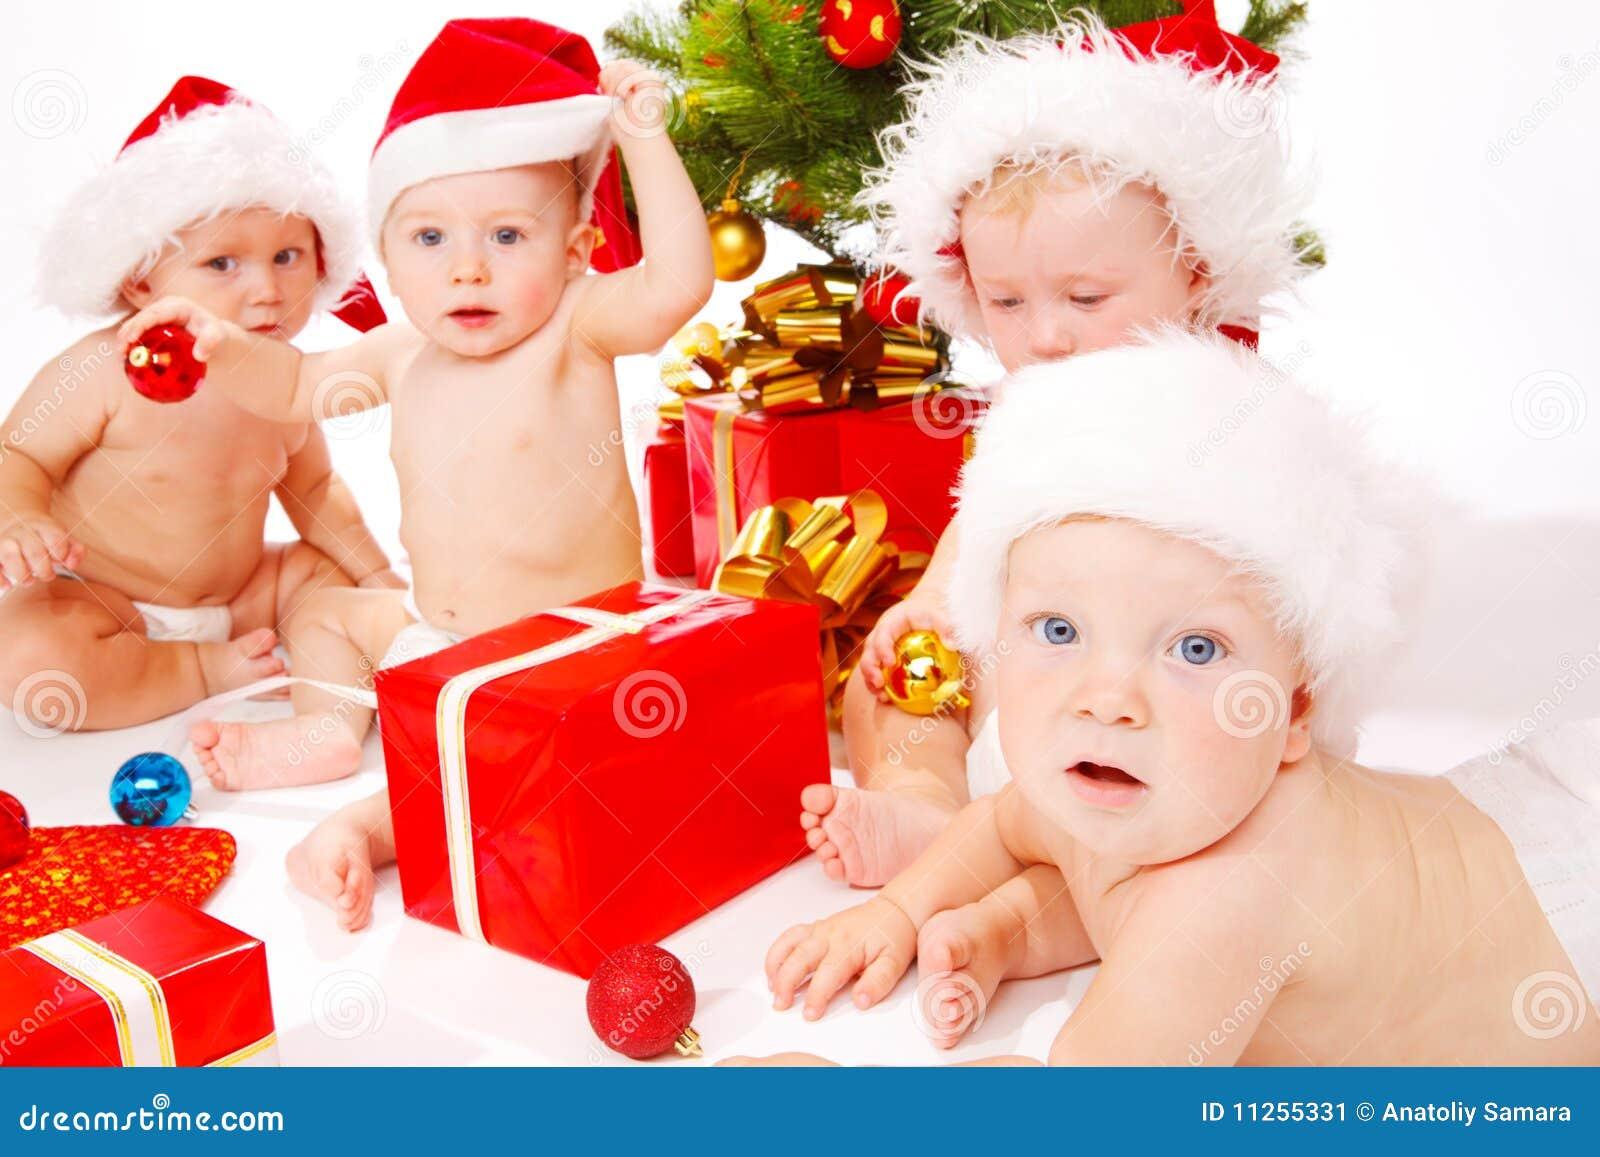 Foto Di Natale Con Bambini.Foto Di Natale Con Bambini Frismarketingadvies